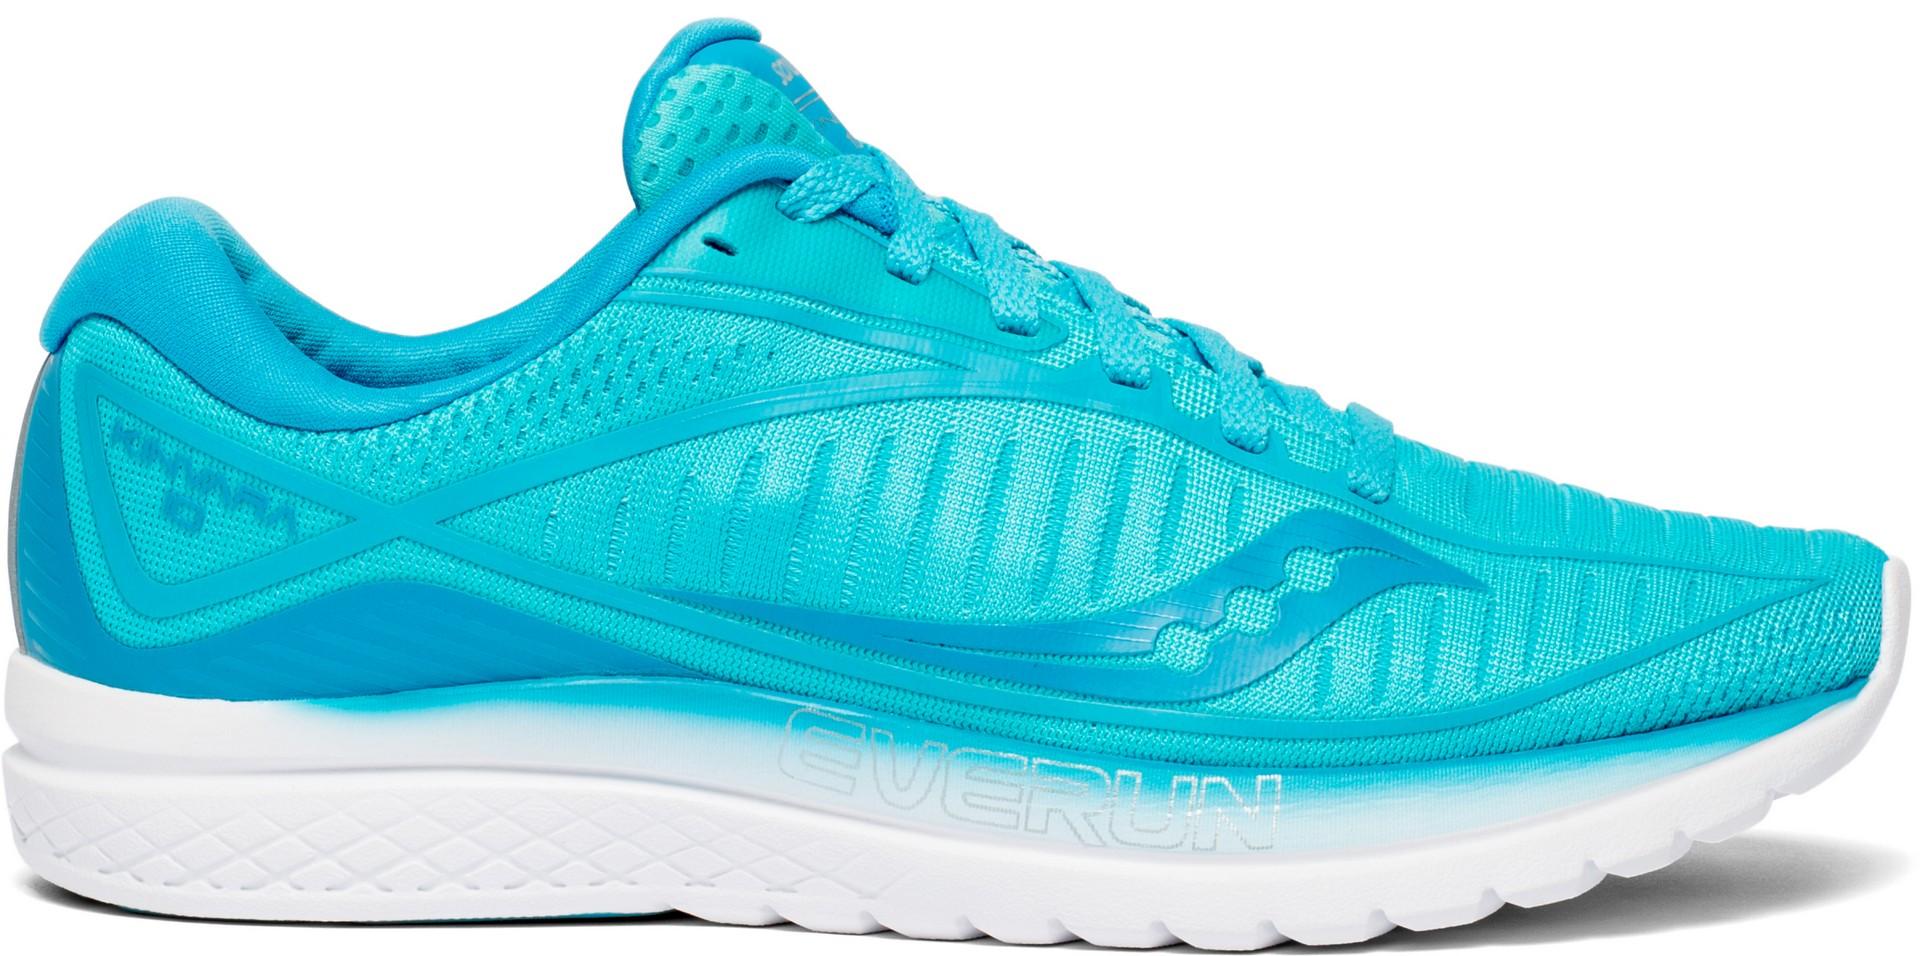 Saucony KINVARA 10, ženski tekaški copati, modra